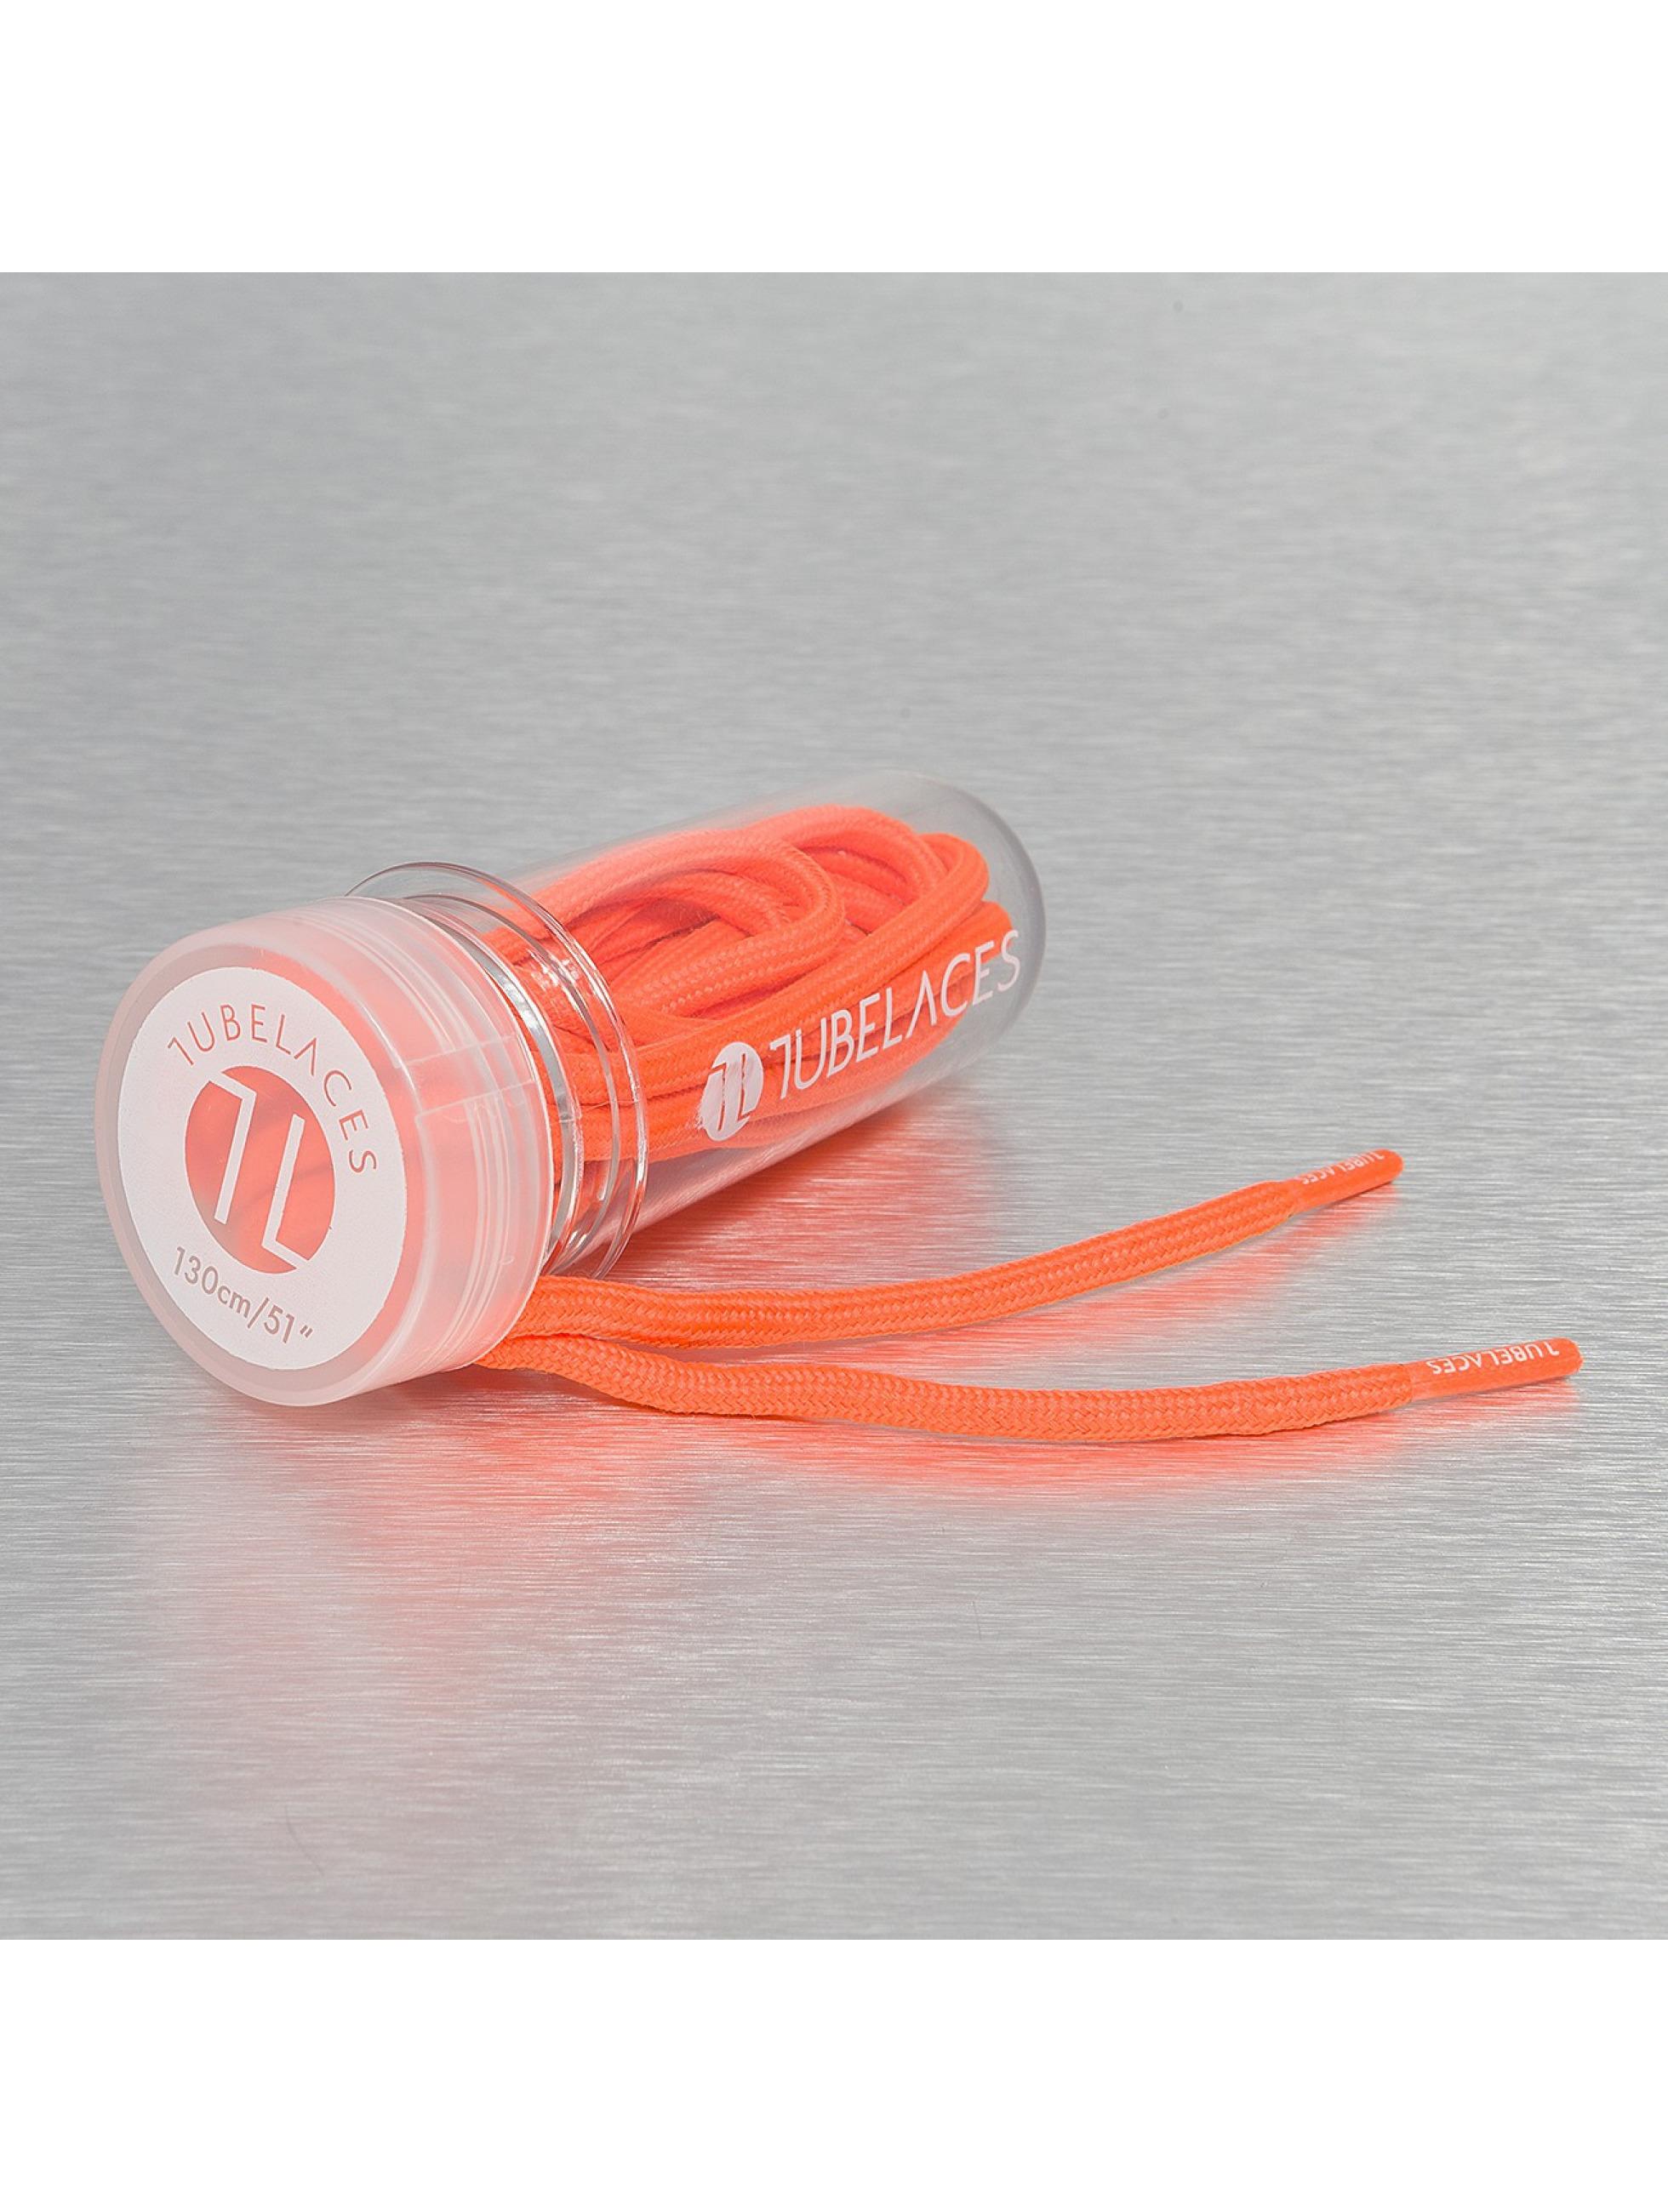 Tubelaces Schuhzubehör Rope Solid orange